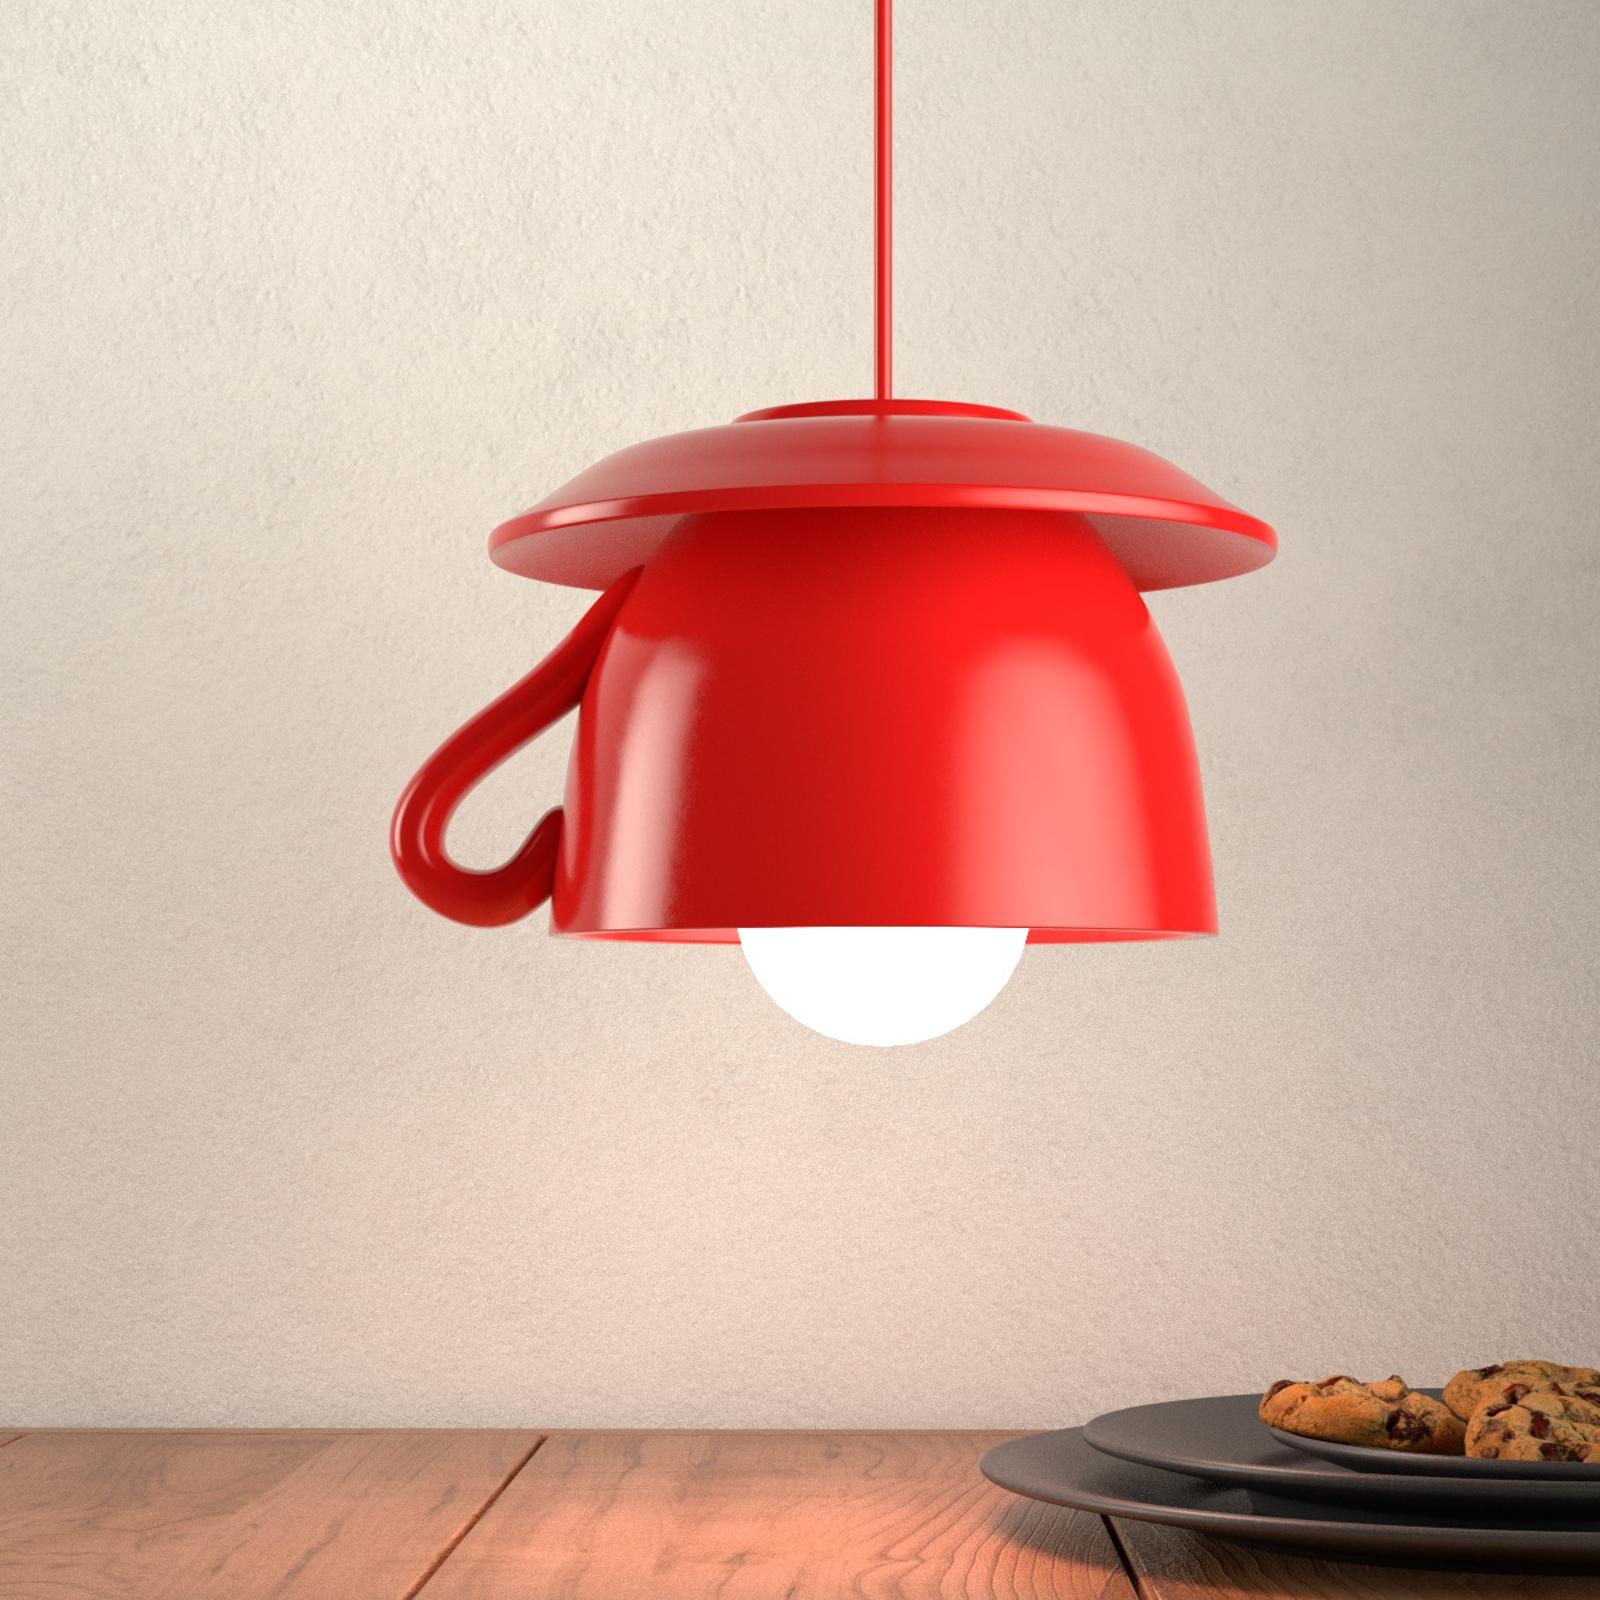 Tazza - lampada a sospensione di ceramica rossa